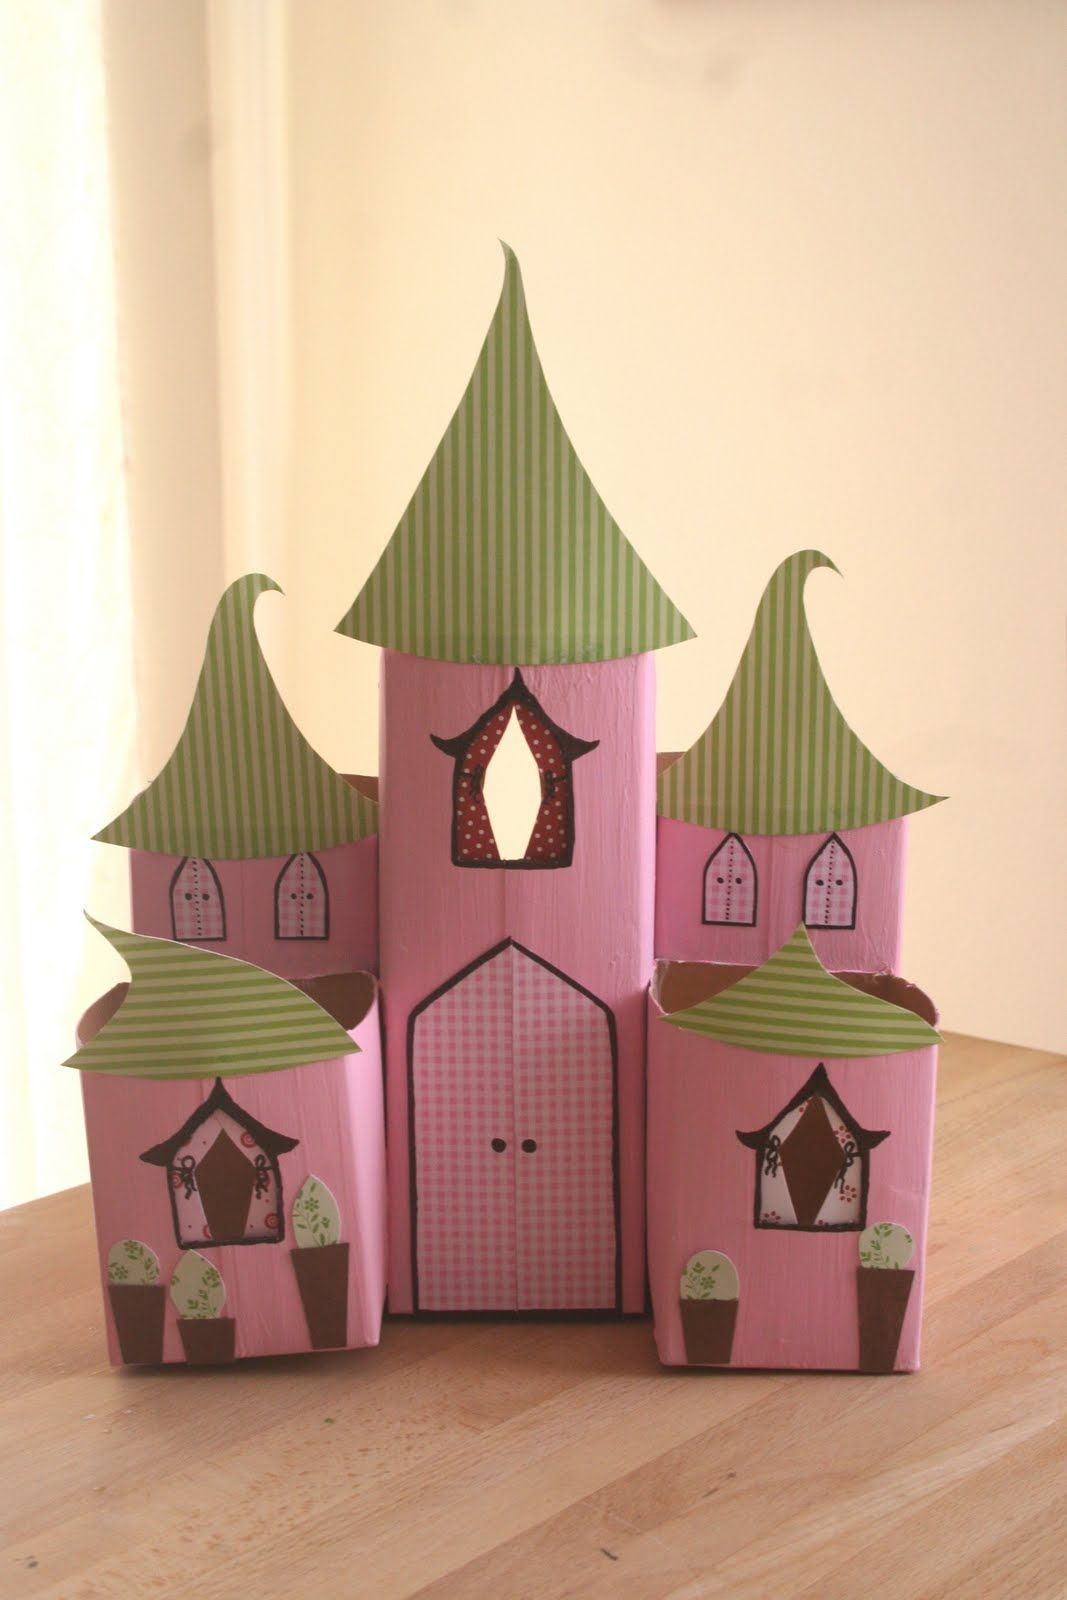 عمل فني بيت من الكرتون زنوبيا Crafts Milk Carton Crafts Arts And Crafts For Kids